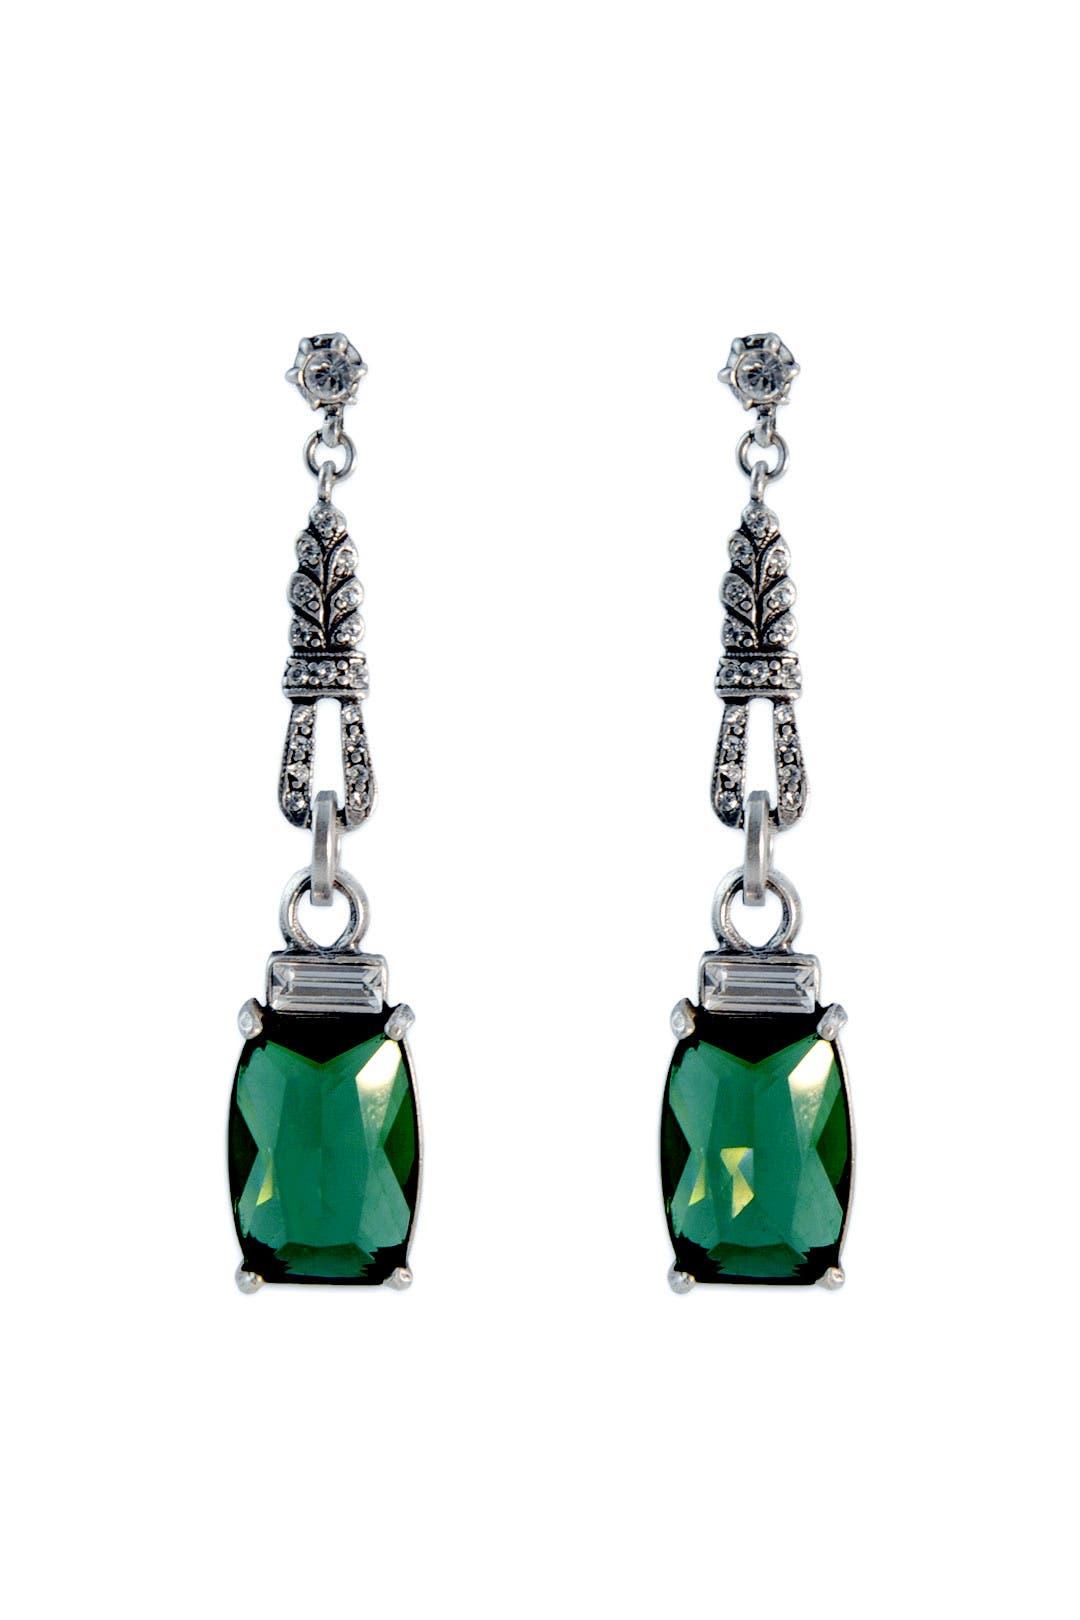 Emerald Nouveau Drops by Gerard Yosca